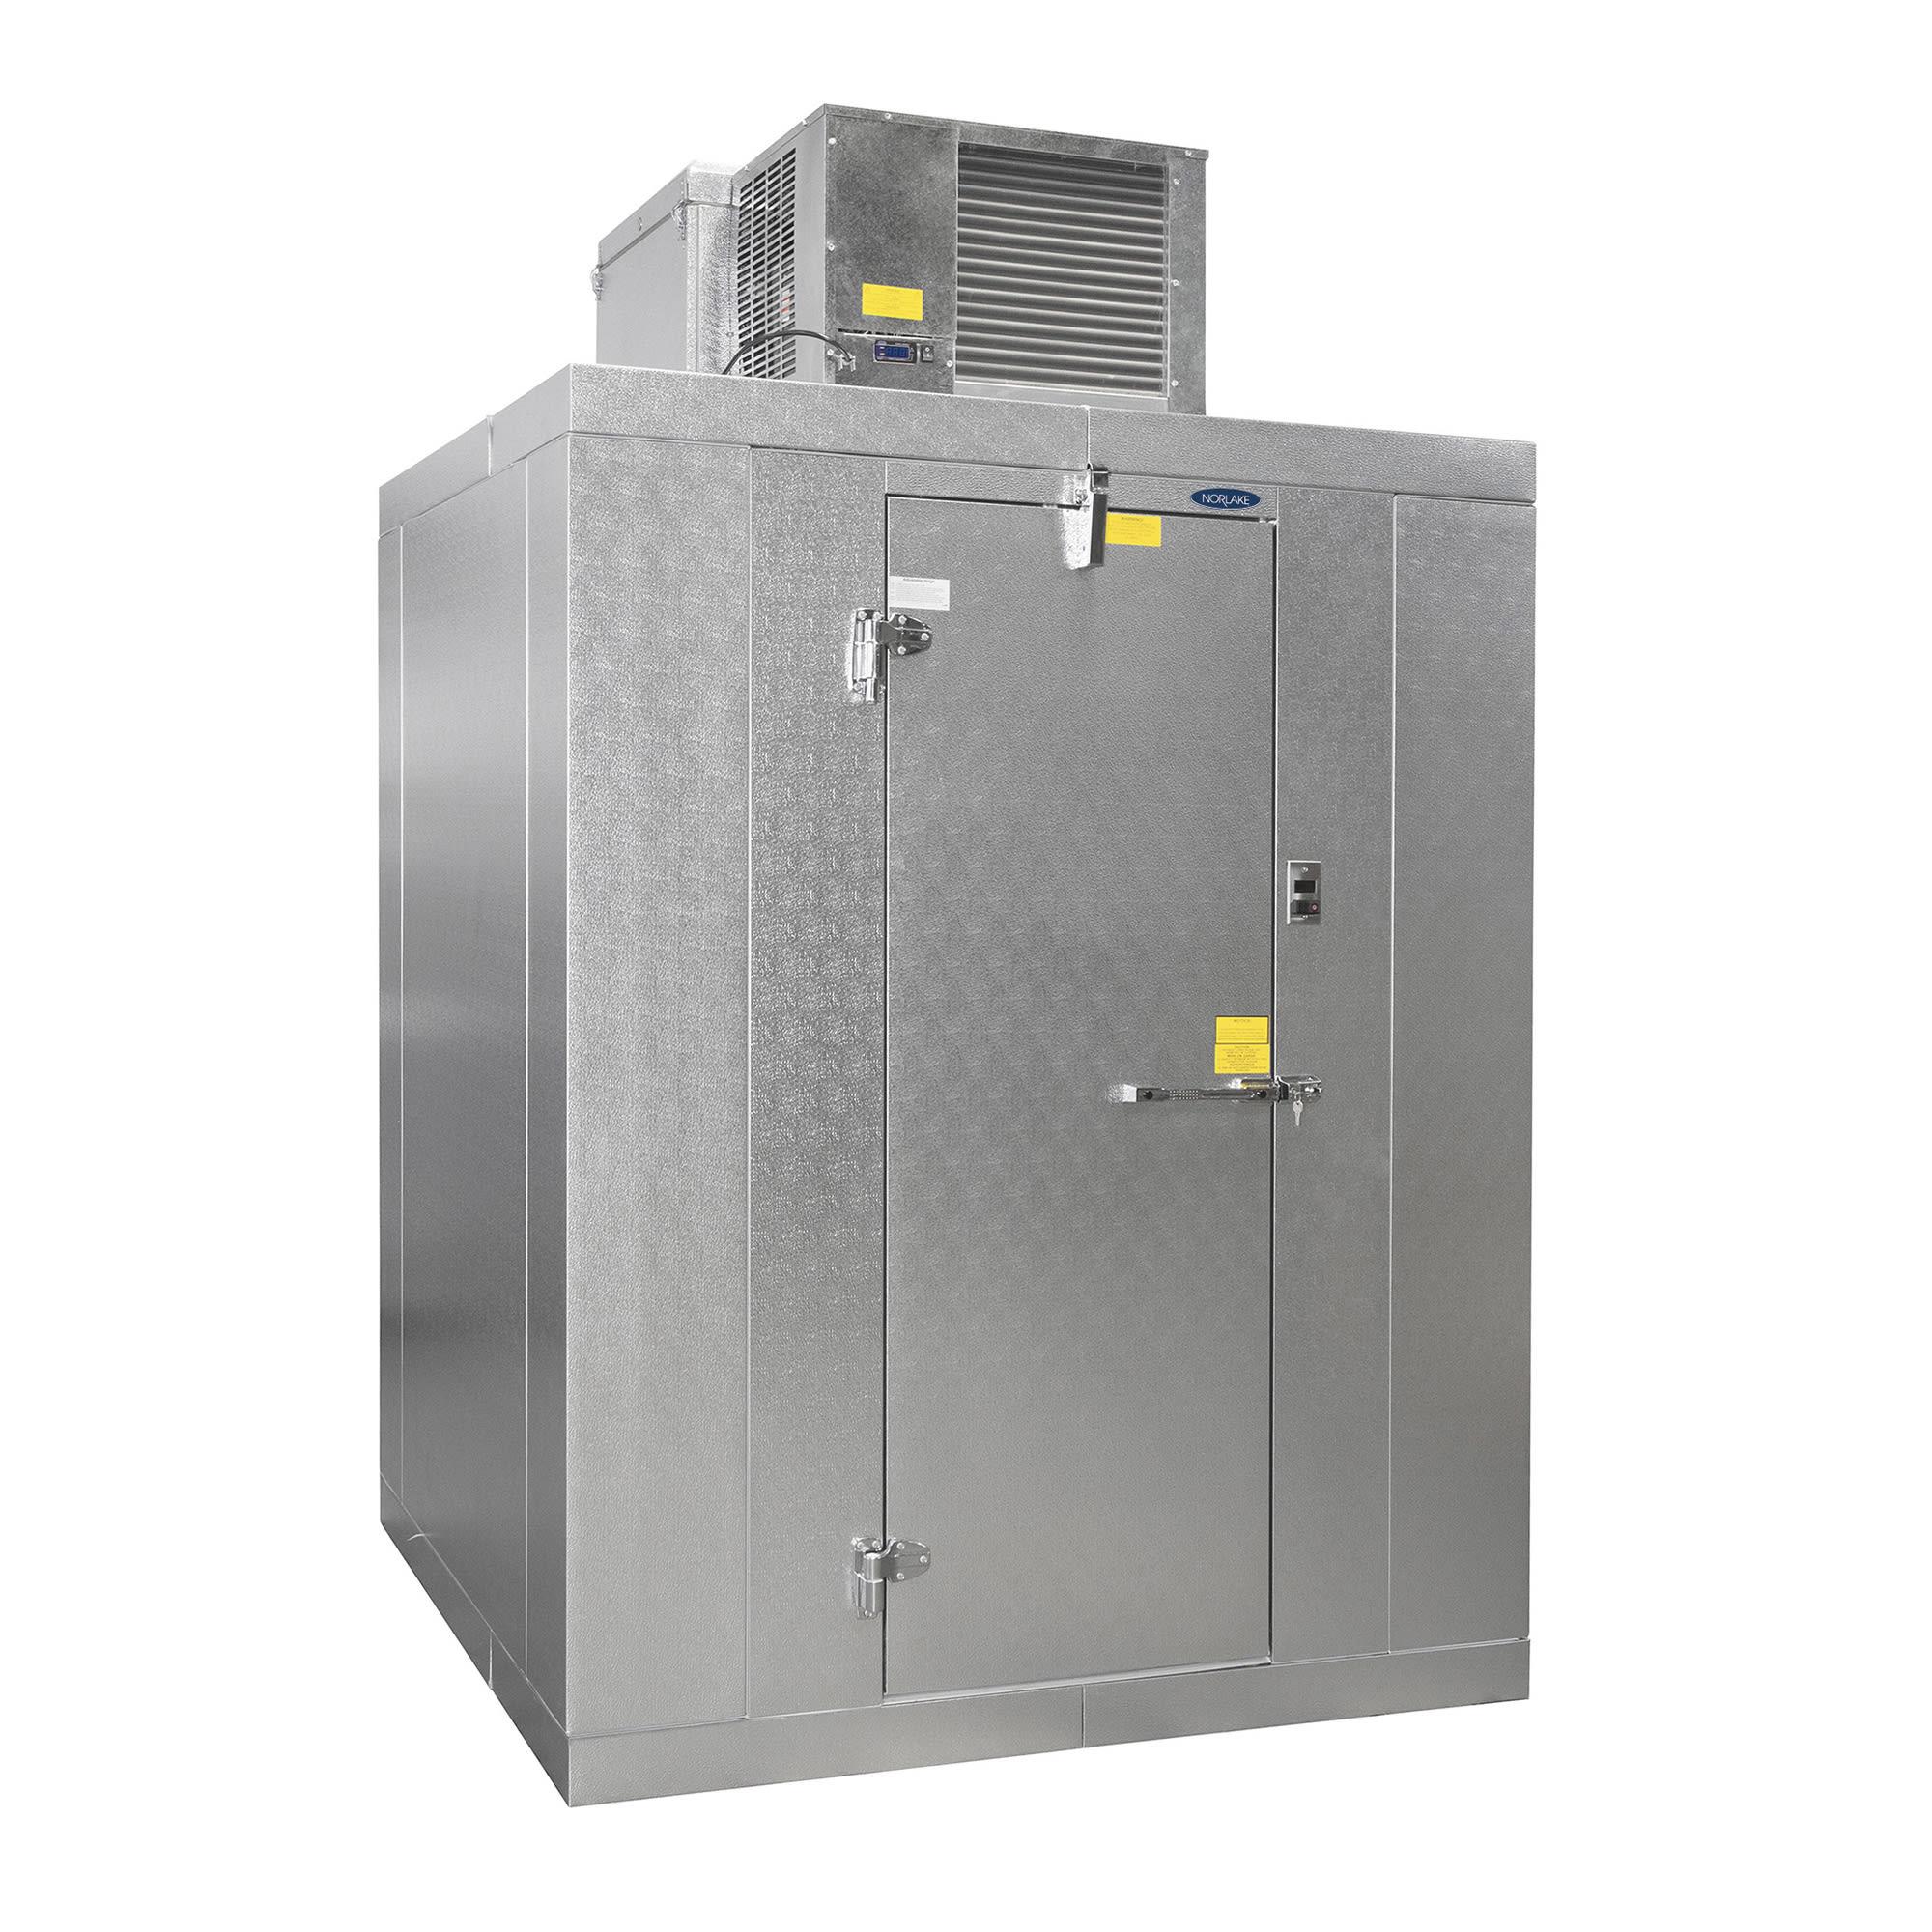 Norlake KLF7768-C R Indoor Walk-In Freezer w/ Top Mount Compressor, 6' x 8'